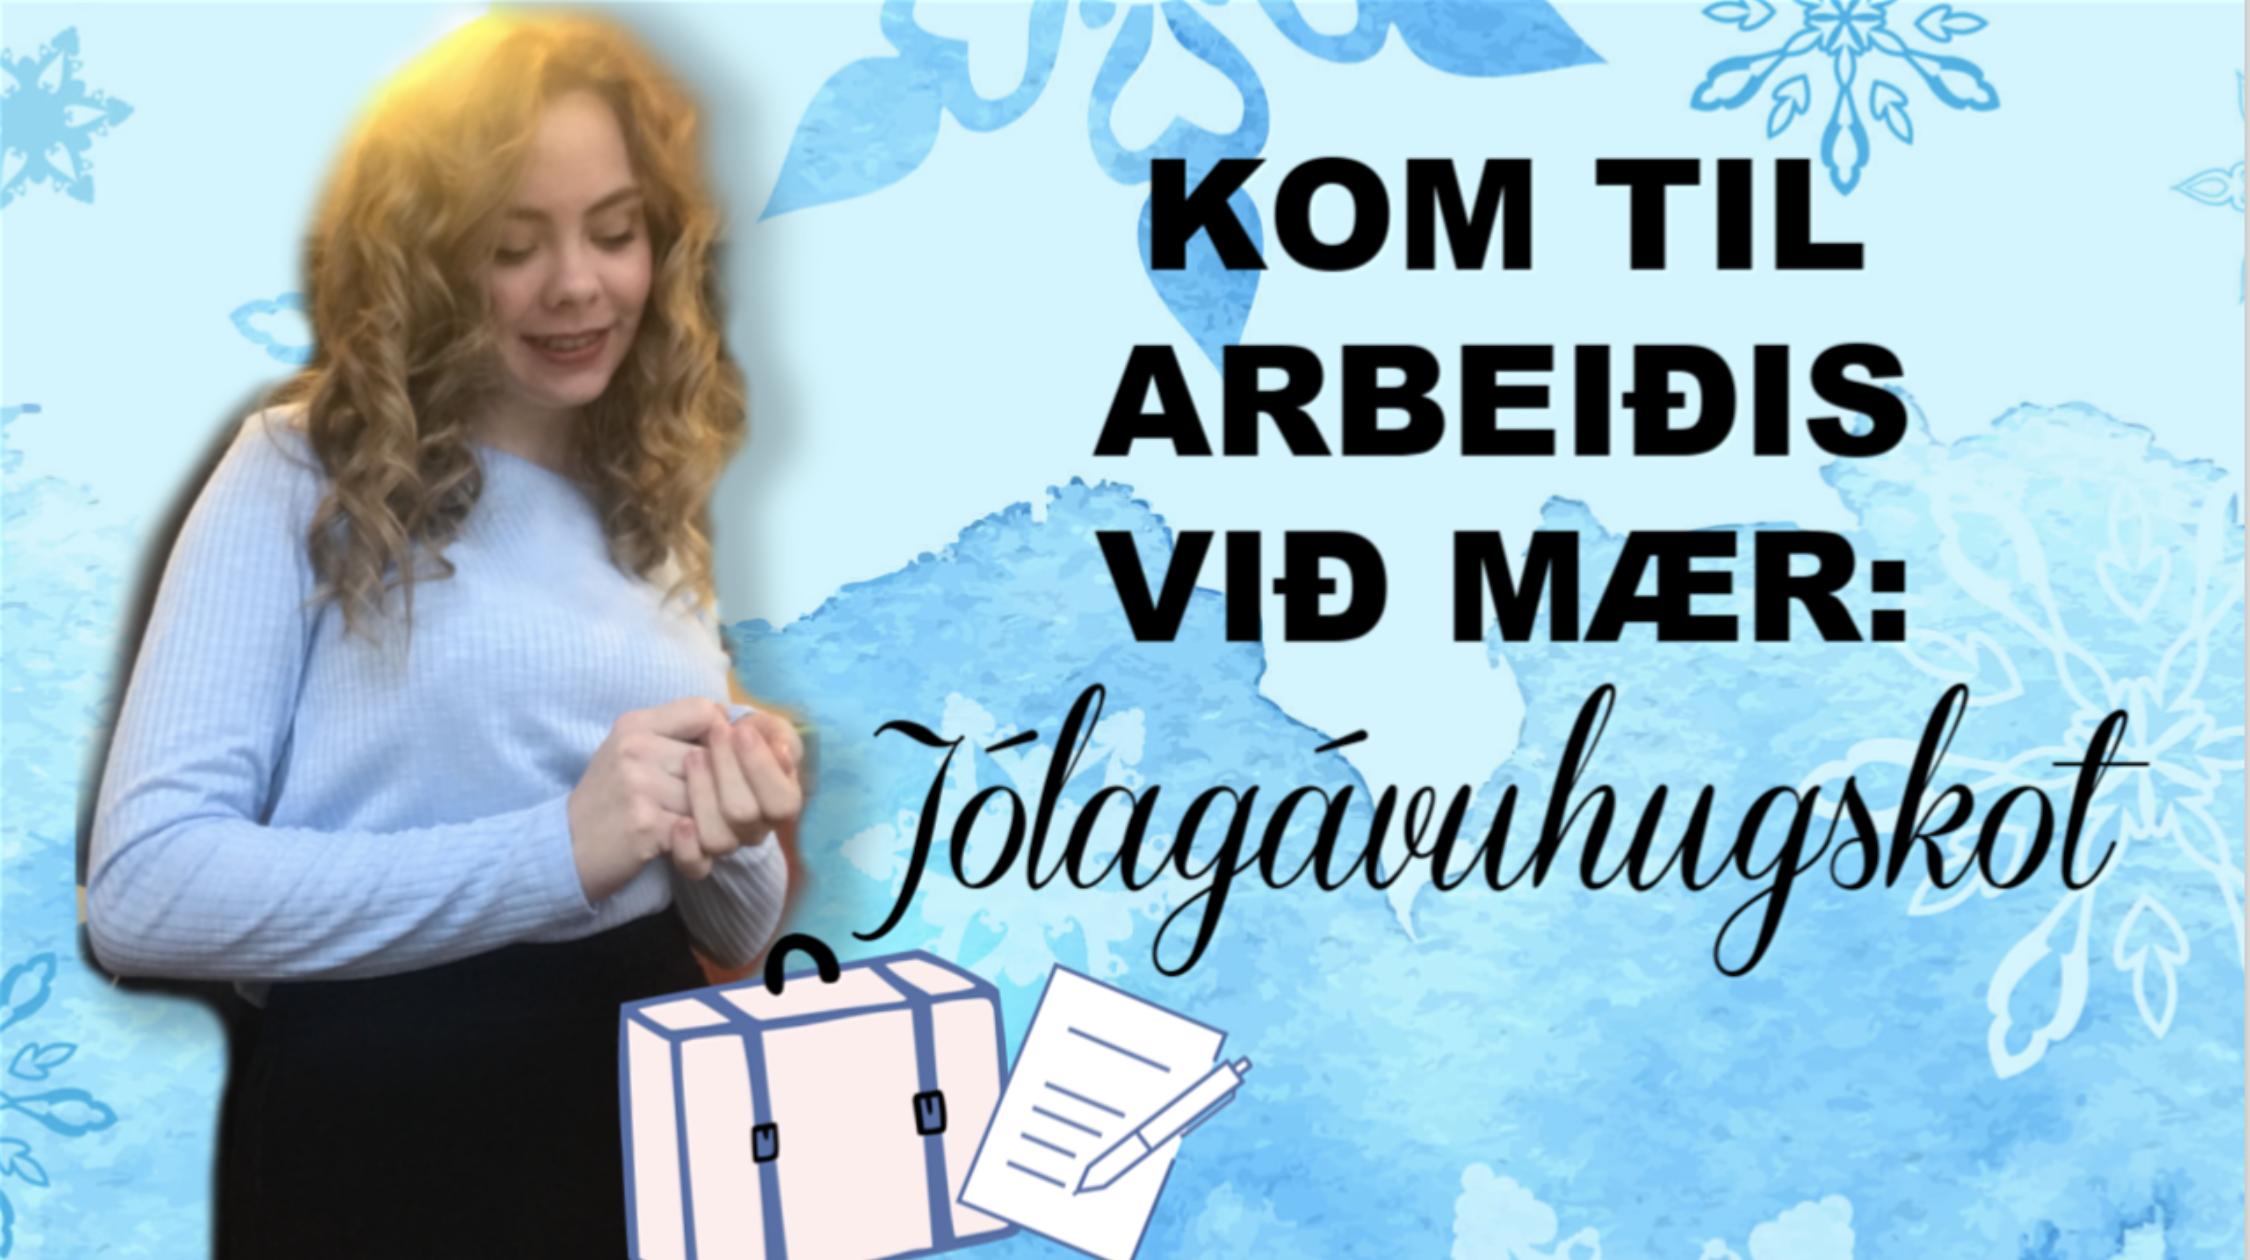 KOM TIL ARBEIÐIS VIÐ MÆR: JÓLAGÁVUHUGSKOT // Lúka 13